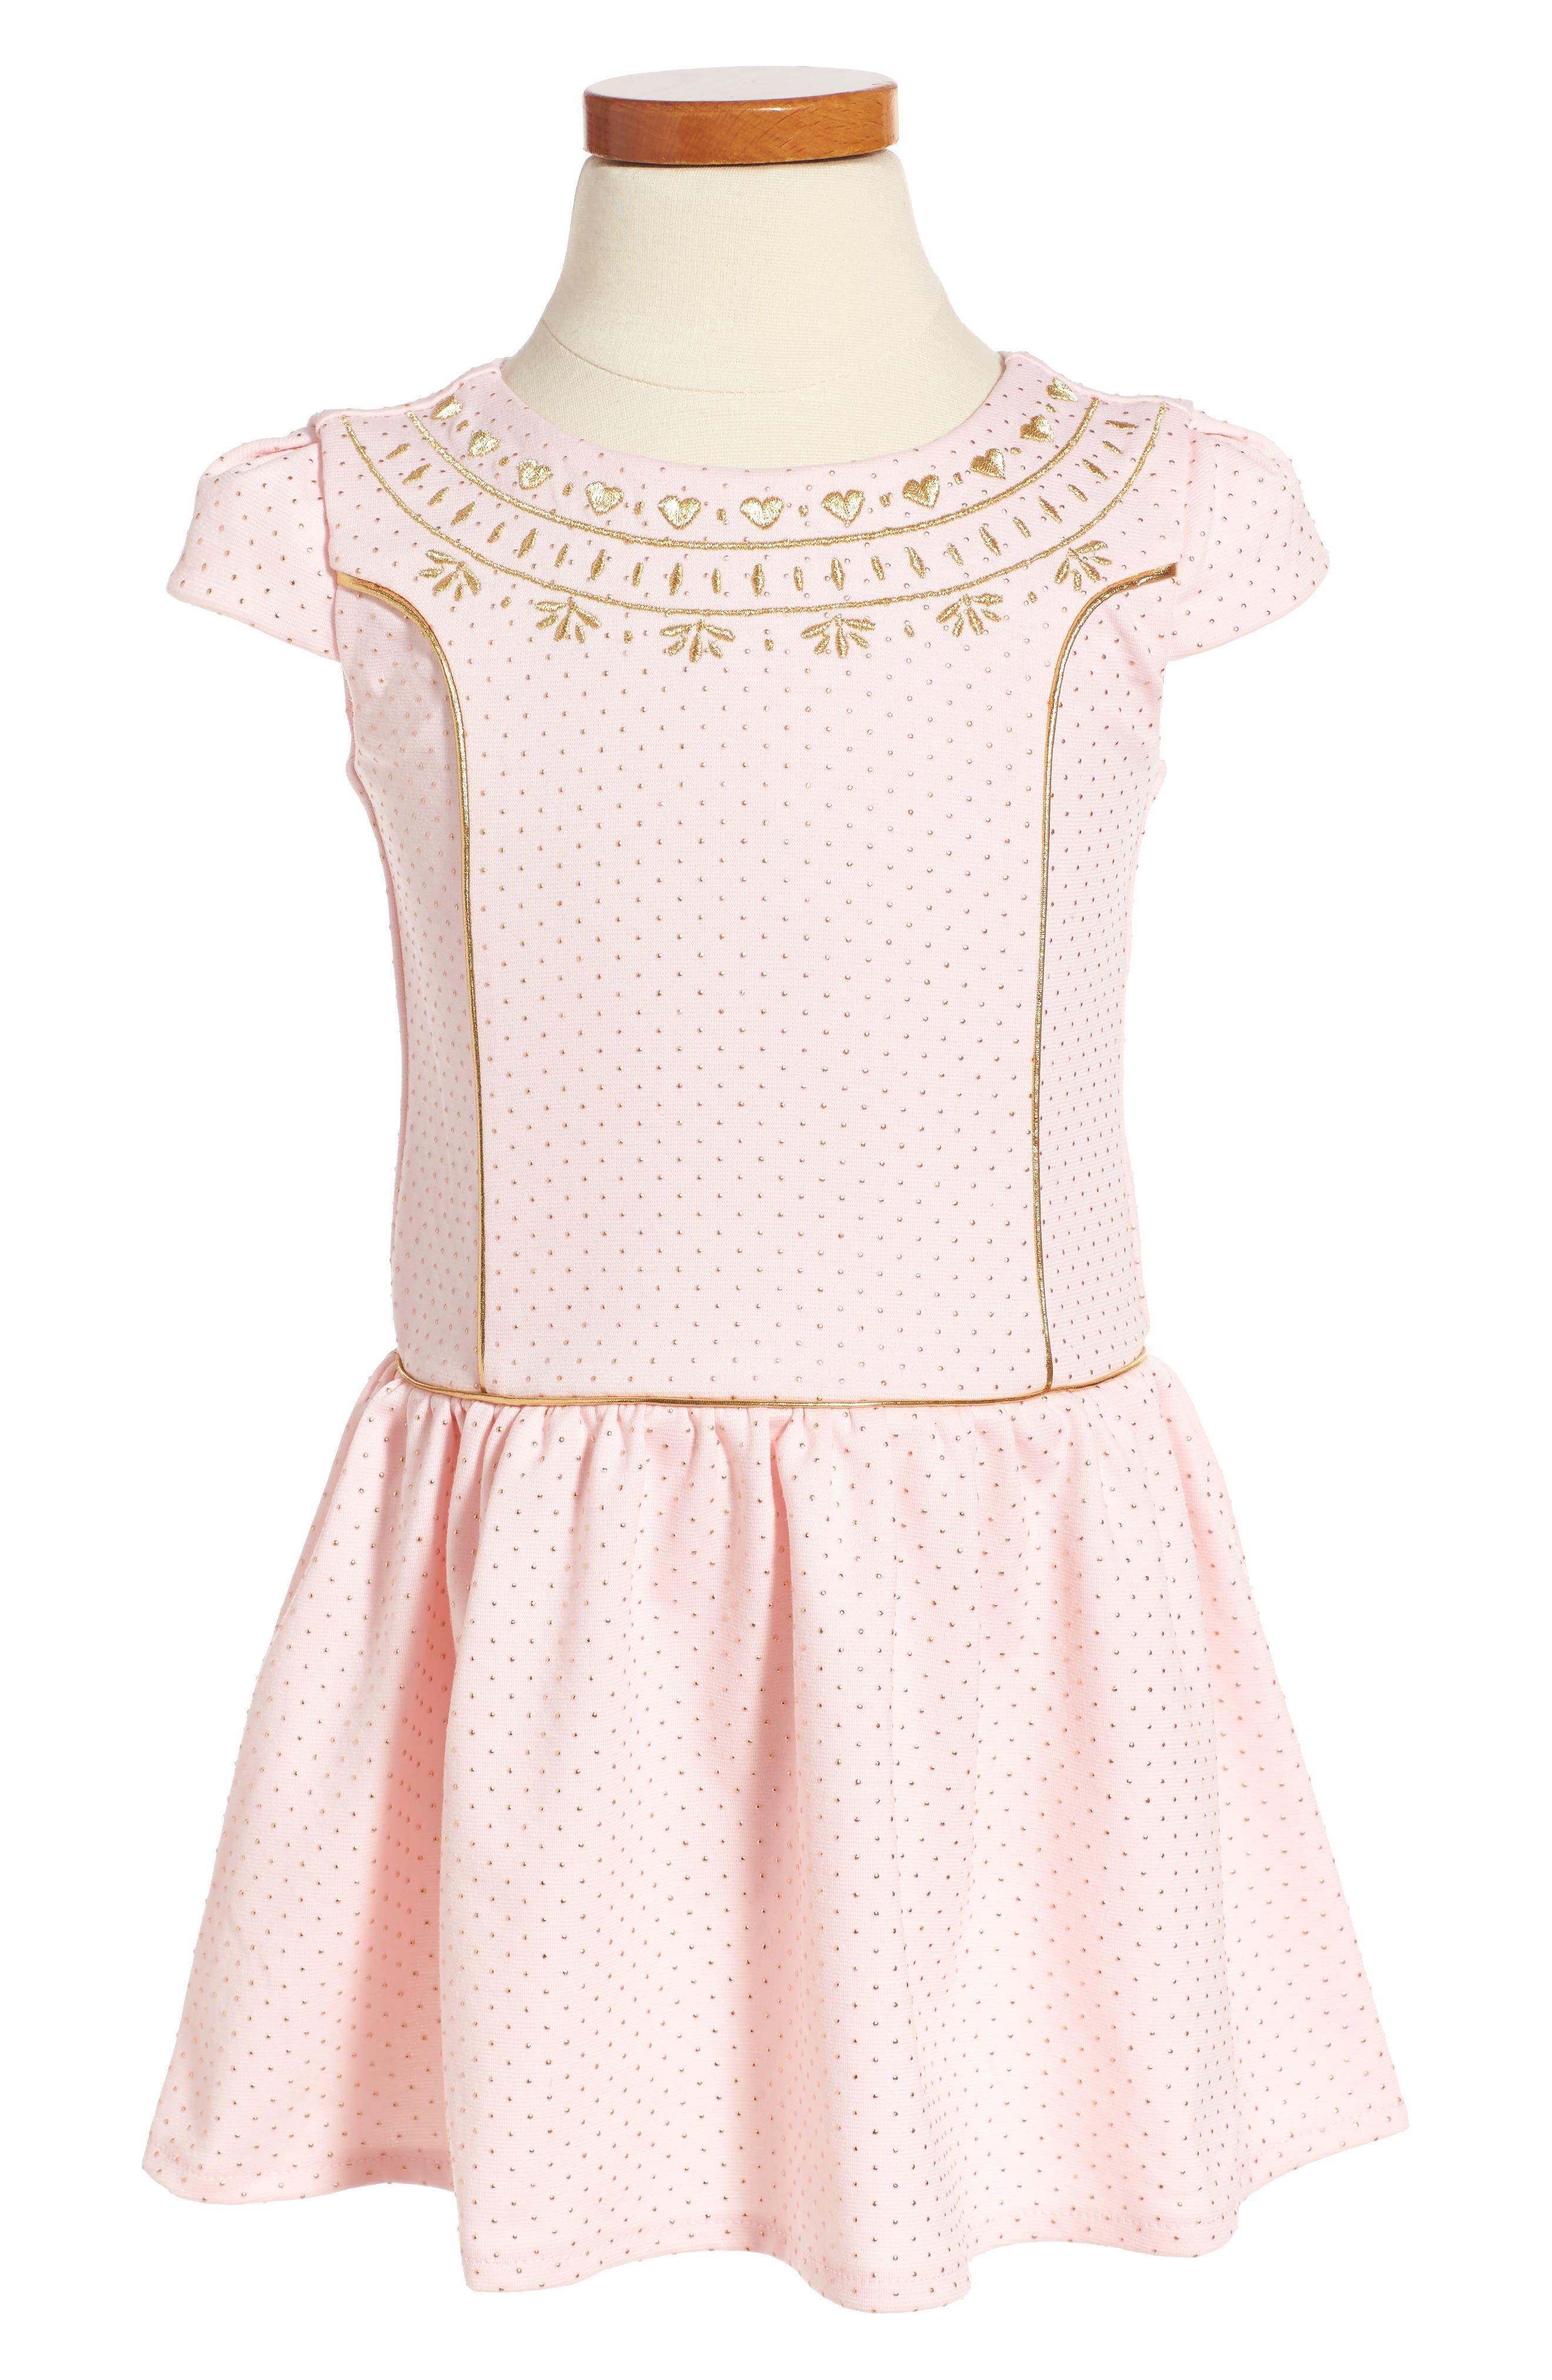 Main Image - Little Angels Princess Drop Waist Dress (Toddler Girls & Little Girls)